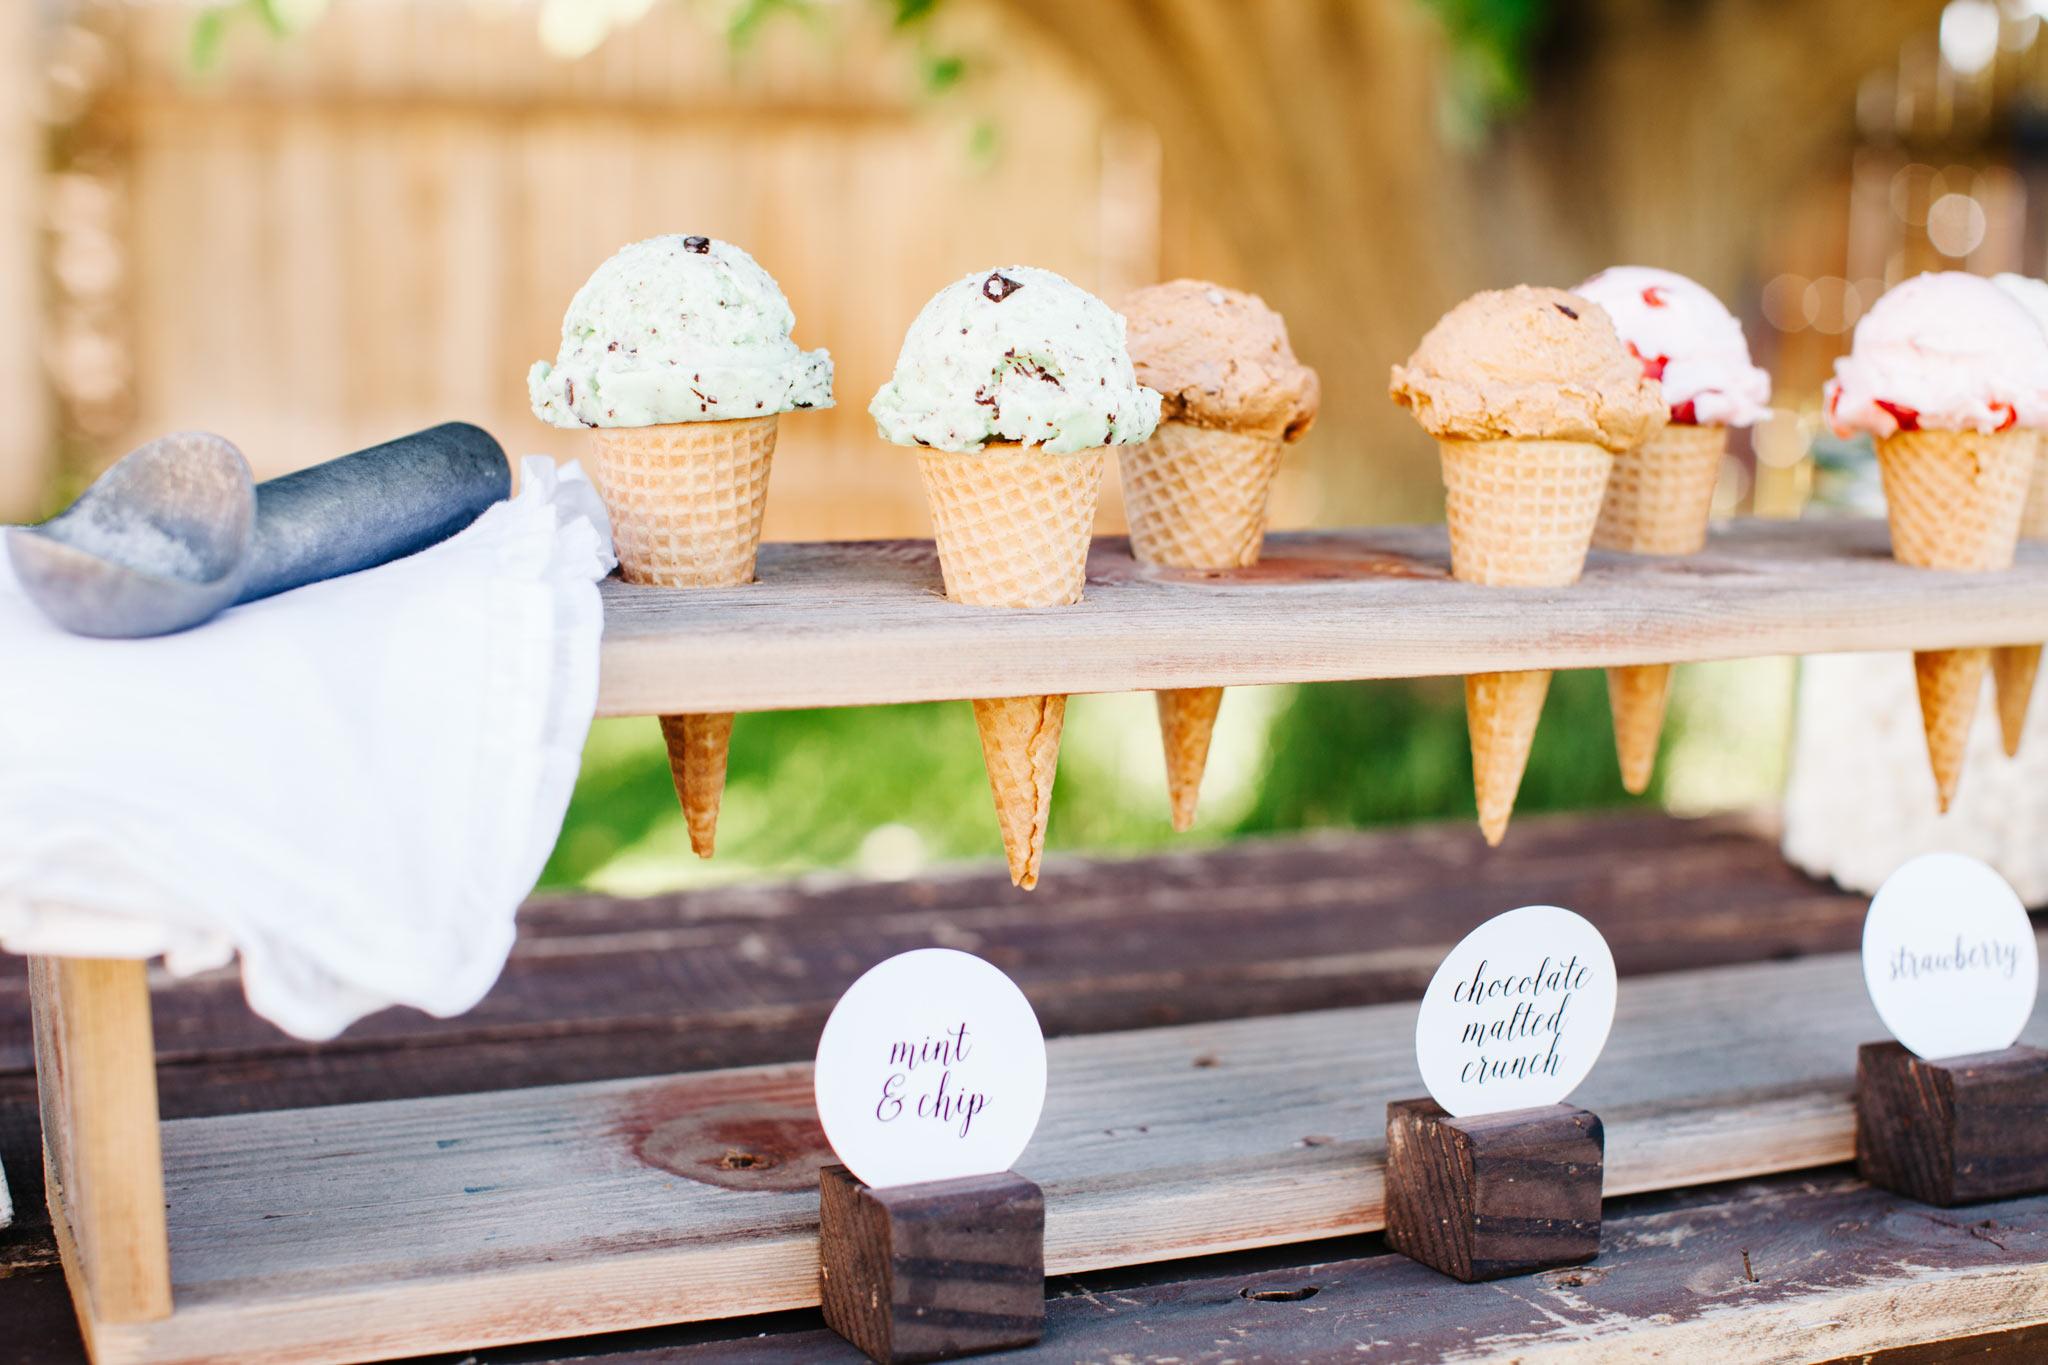 ice-cream-stand-3.jpg